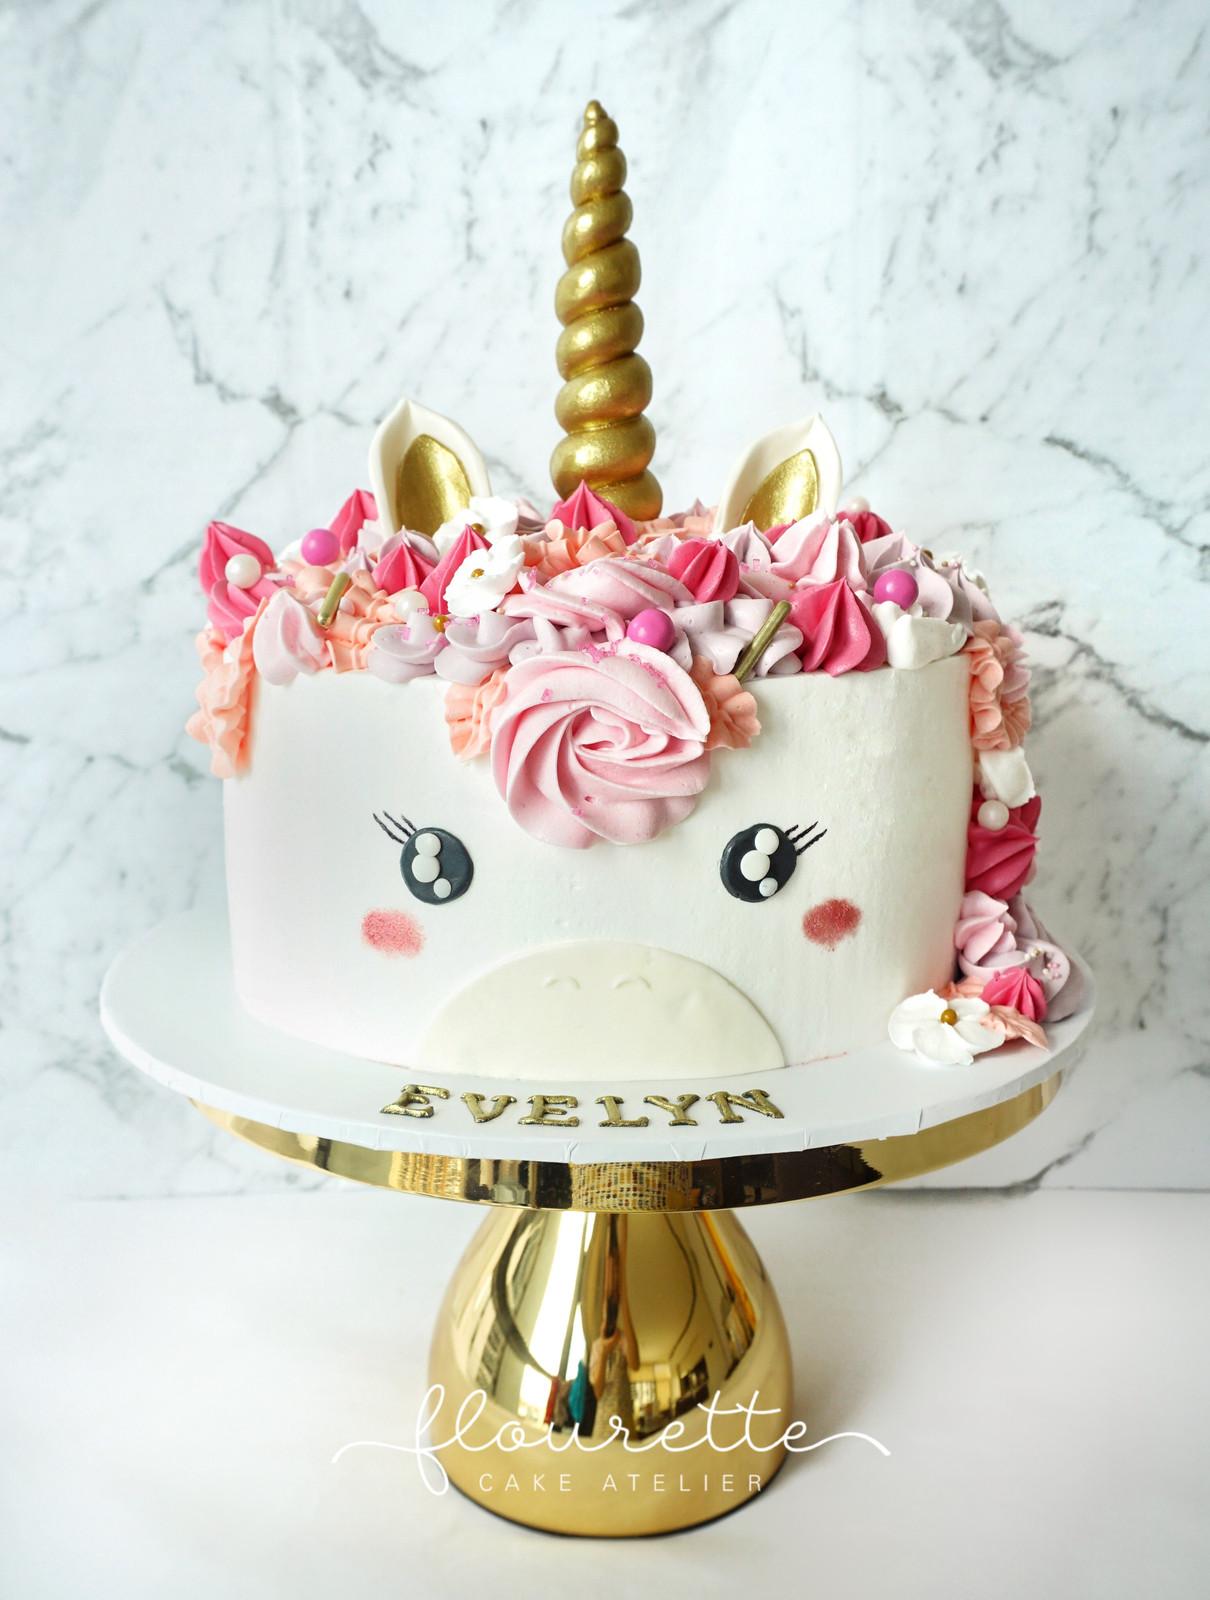 Home Flourette Cake Custom Cakes In Sydney Cbd Fullscreen Page